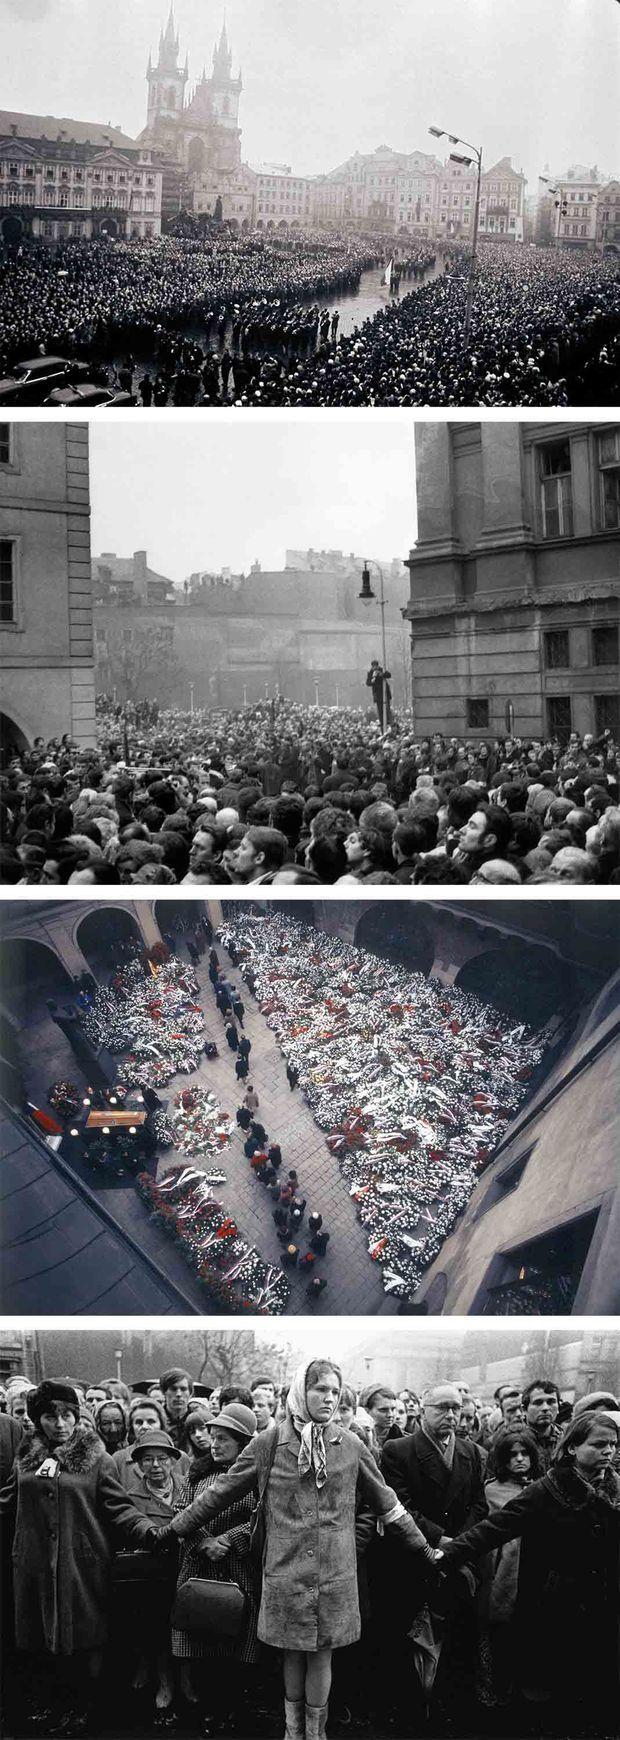 """""""Sur la place Saint-Wenceslas, là même ou l'étudiant Jan Palach s'est offert en holocauste, ils sont plus de cent vingt mille. Aucune pancarte, aucune banderole. Un drapeau noir, symbole de deuil, et un drapeau de la République. Autour des drapeaux, universitaires, étudiants, ouvriers communient dans le même silence. Depuis ce jeudi 15 heures où Jan Pàlach a affronté le martyre de la liberté, la Tchécoslovaquie tout entière est emportée par un déferlement d'émotion si violent que rien n'y peut résister, et surtout pas le pouvoir politique. Dans chaque ville, dans chaque village, par- tout des drapeaux en deuil, par- tout des autels dressés à la mémoire du jeune héros. Tous les dirigeants communistes tchèques se sont rangés derrière lui. Le général Svoboda, président de la République, tout en marquant qu'il ne pouvait approuver le sacrifice du jeune étudiant, affirme : « Je suis un soldat et, en tant que tel, je suis fier de cet acte d'héroïsme. » S'il n'est pas lui-même sur place au milieu des Pragois affligés, son drapeau personnel est là qui le représente. Dès la soirée de jeudi, la place Saint-Wenceslas est devenue un lieu de pèlerinage ; jour et nuit, des milliers d'hommes et de femmes viennent s'y recueillir ; chacun y fait son examen de conscience. « Et moi , ai-je tout essayé, et moi, n'ai-je pas déçu ?» Un peuple entier qui sombrait dans la résignation soudain s'est réveillé, dans une ambiance si tendue et si dramatique qu'à chaque instant on sent que tout peut arriver."""" - Paris Match n°1030, 1er février 1969"""